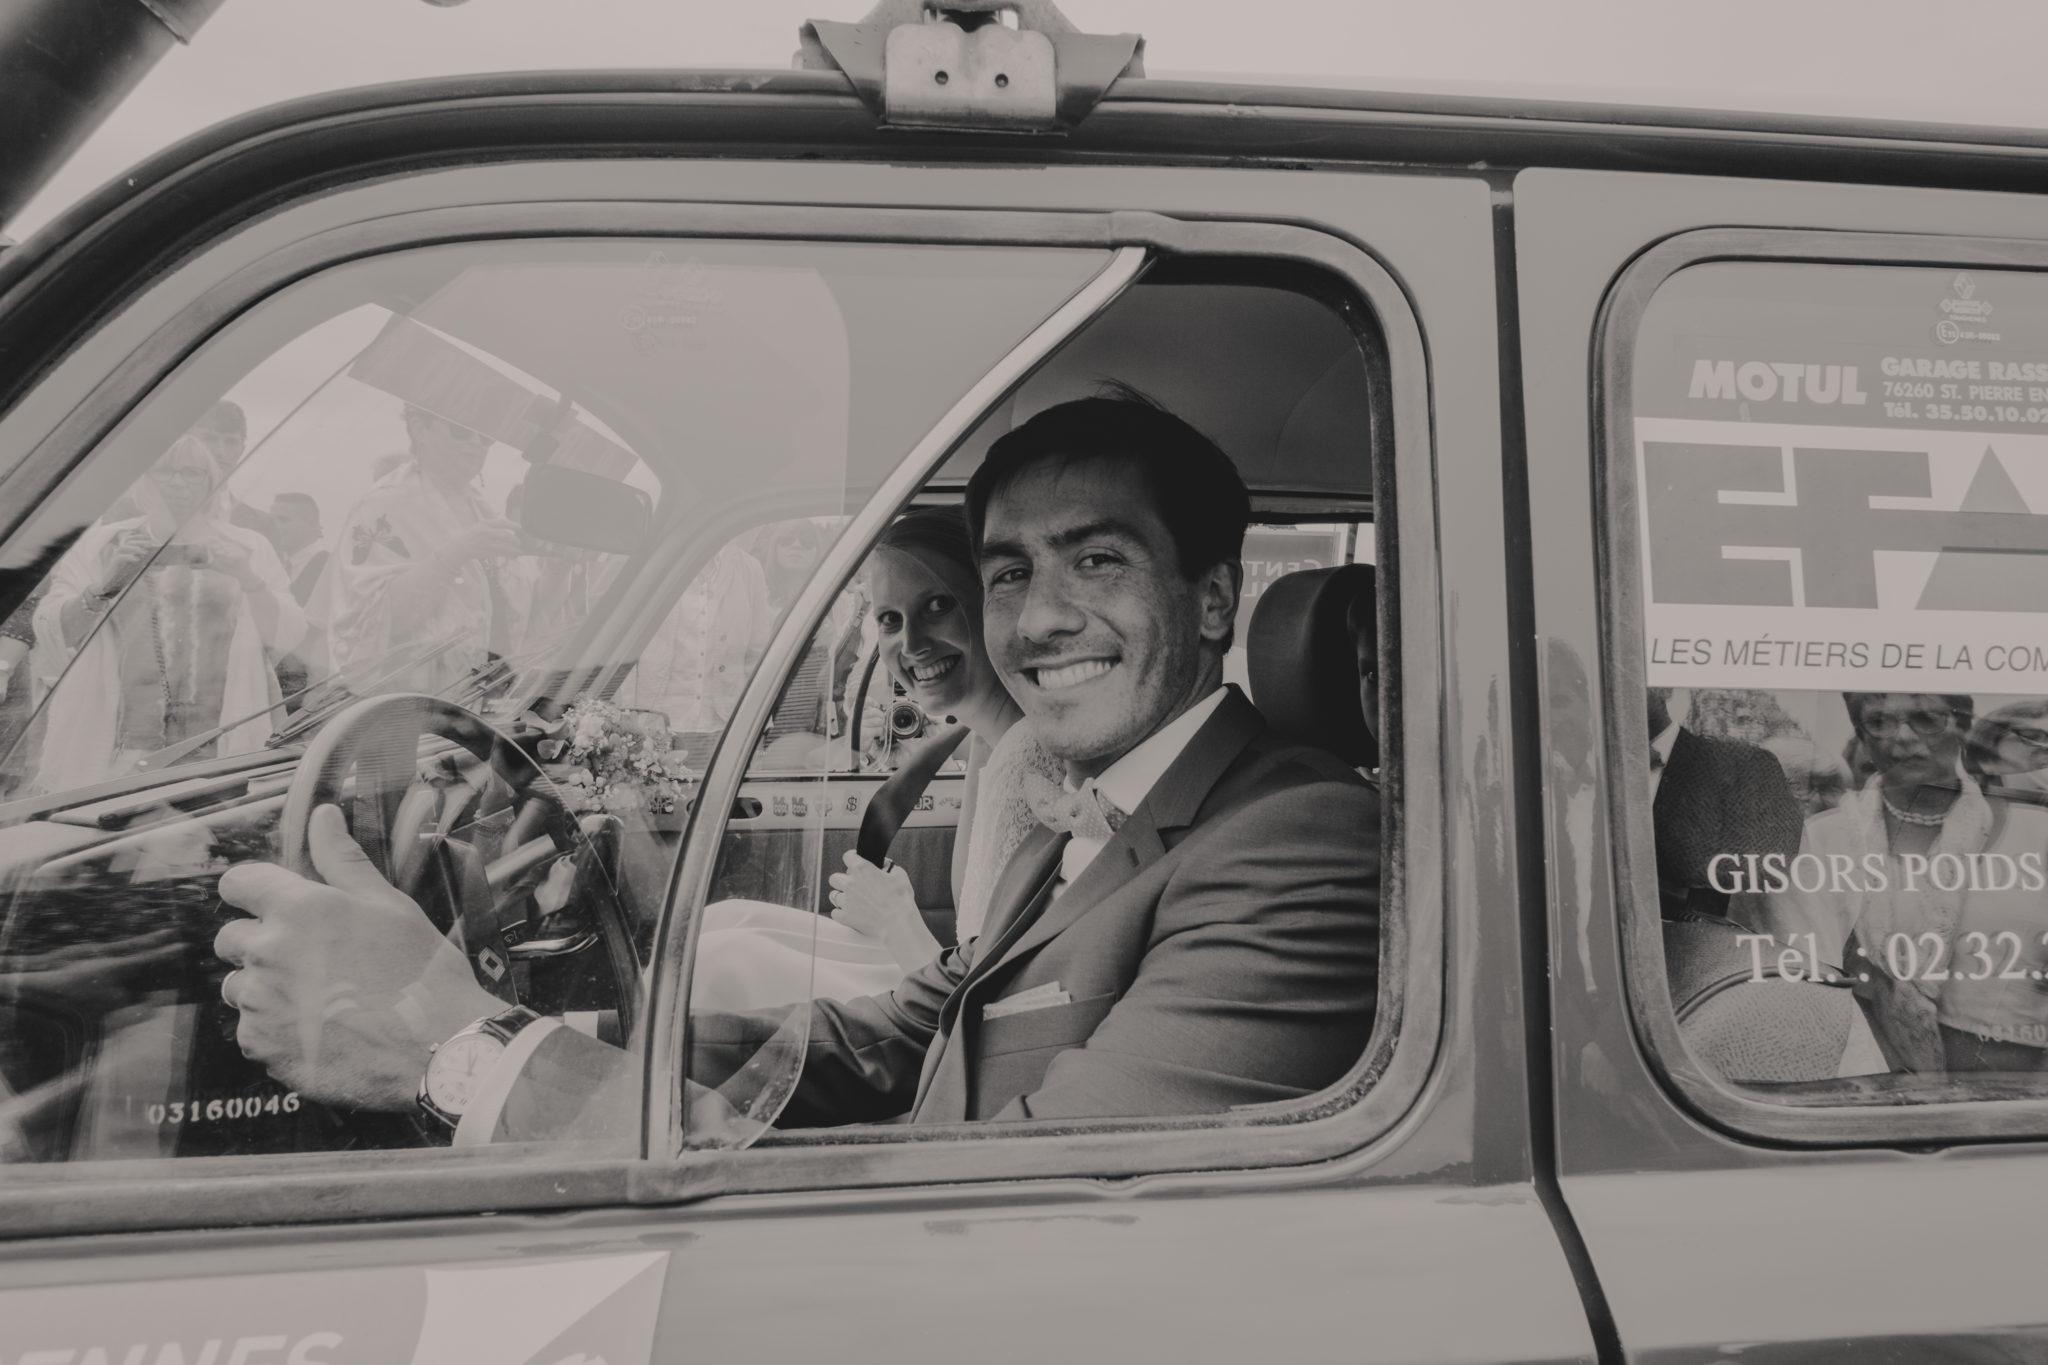 Départ des mariés Renault 4l Varengeville sur Mer